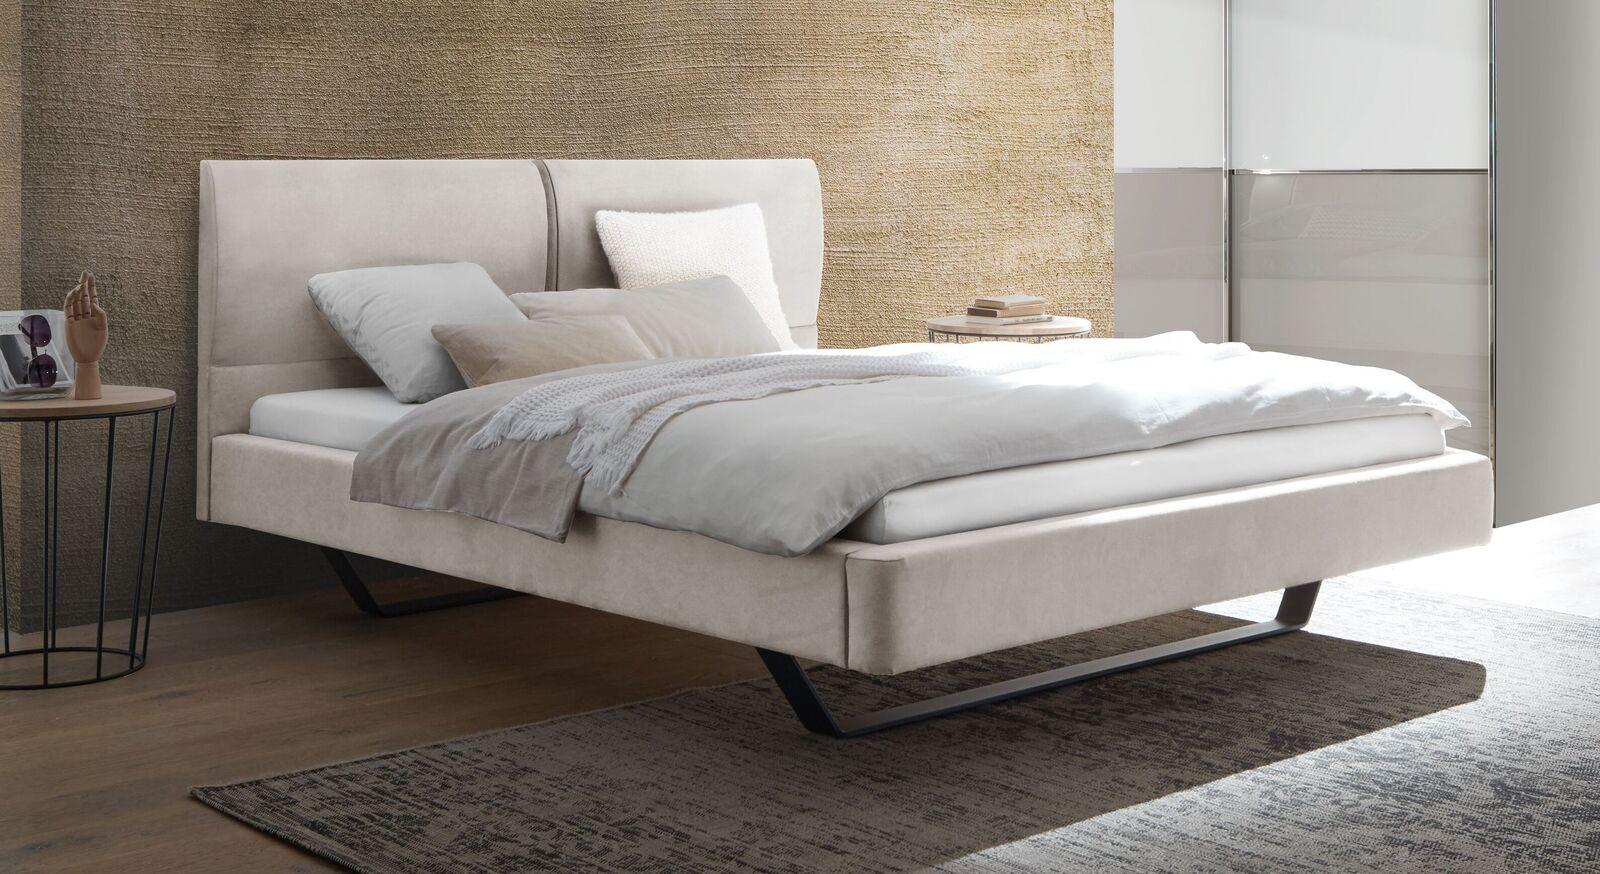 Modernes Bett Nantra mit gepolstertem Bettrahmen